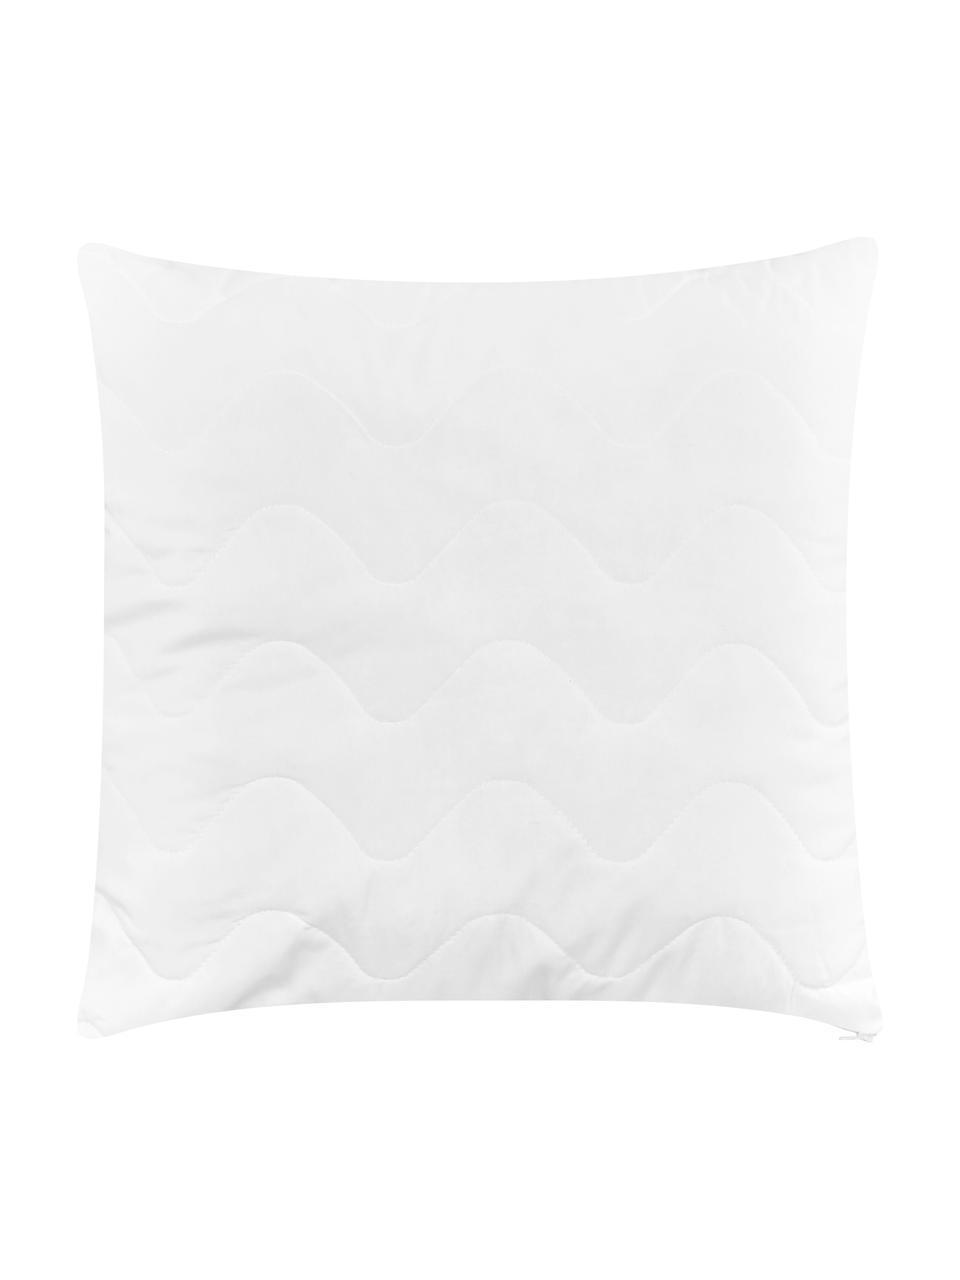 Premium Kissen-Inlett Sia, 50x50, Microfaser-Füllung, Hülle: 100% Polyester, wattiert, Weiß, 50 x 50 cm